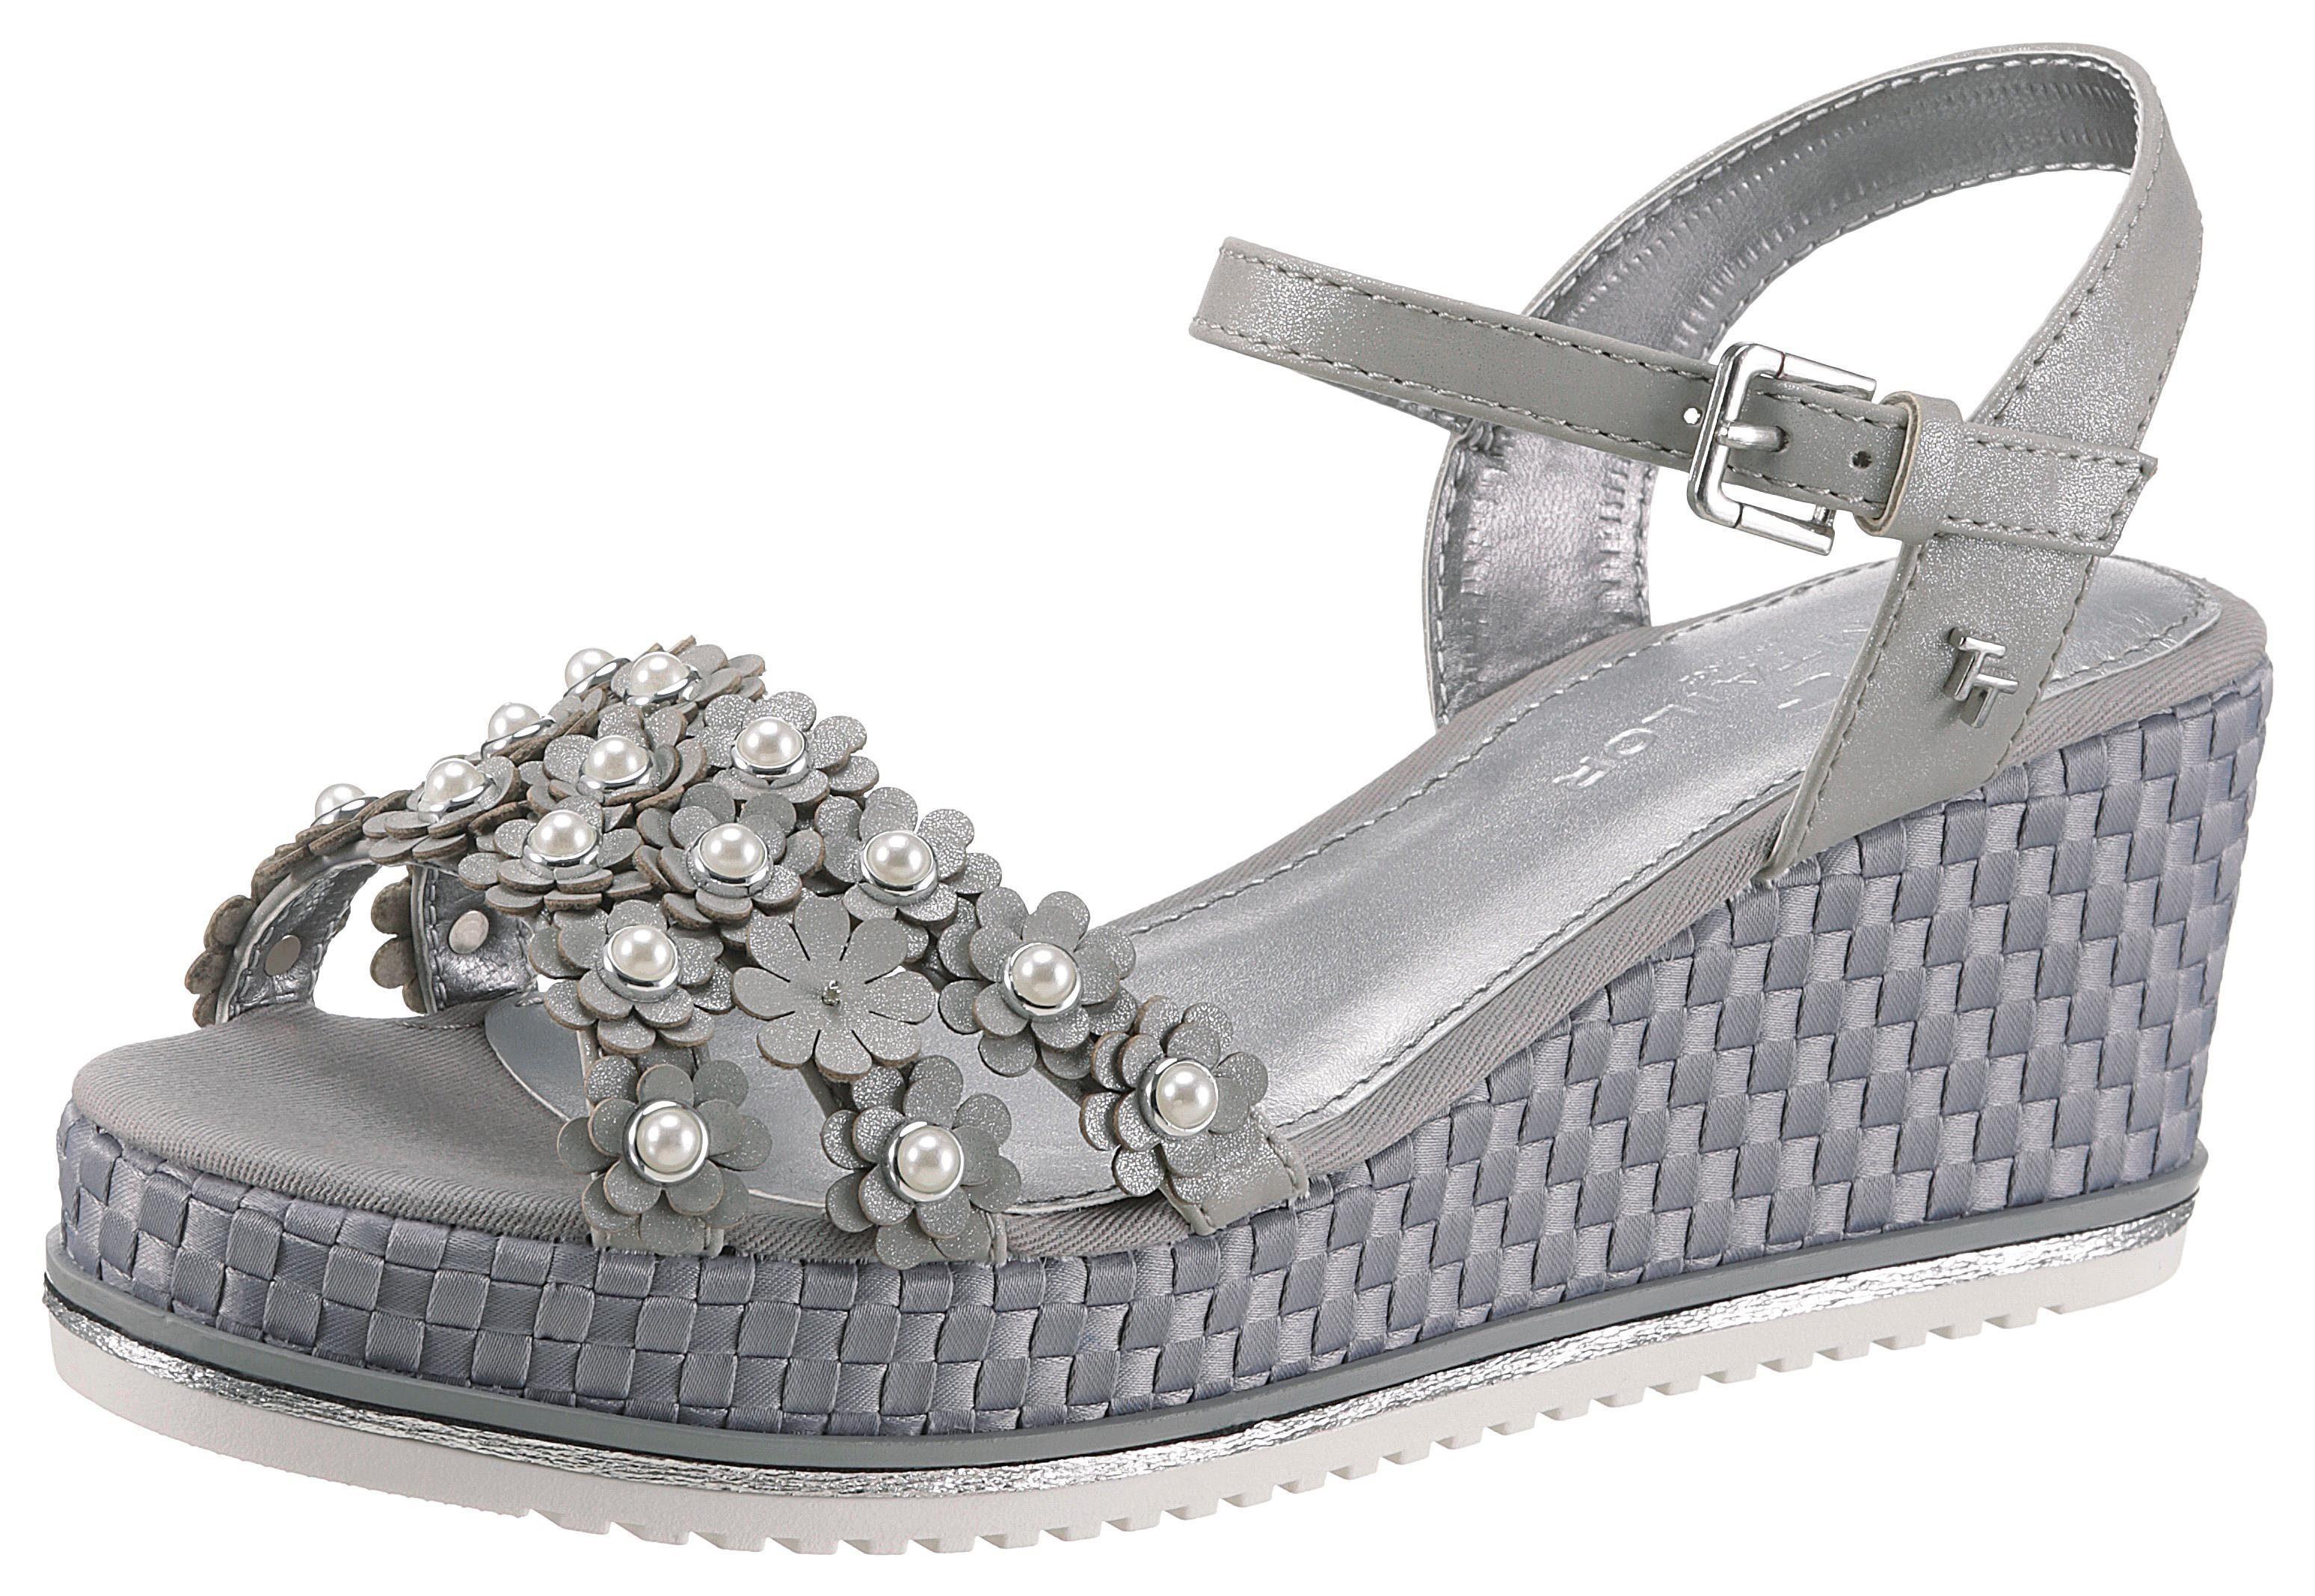 TOM TAILOR Sandalette mit Zierperlen geschmückt